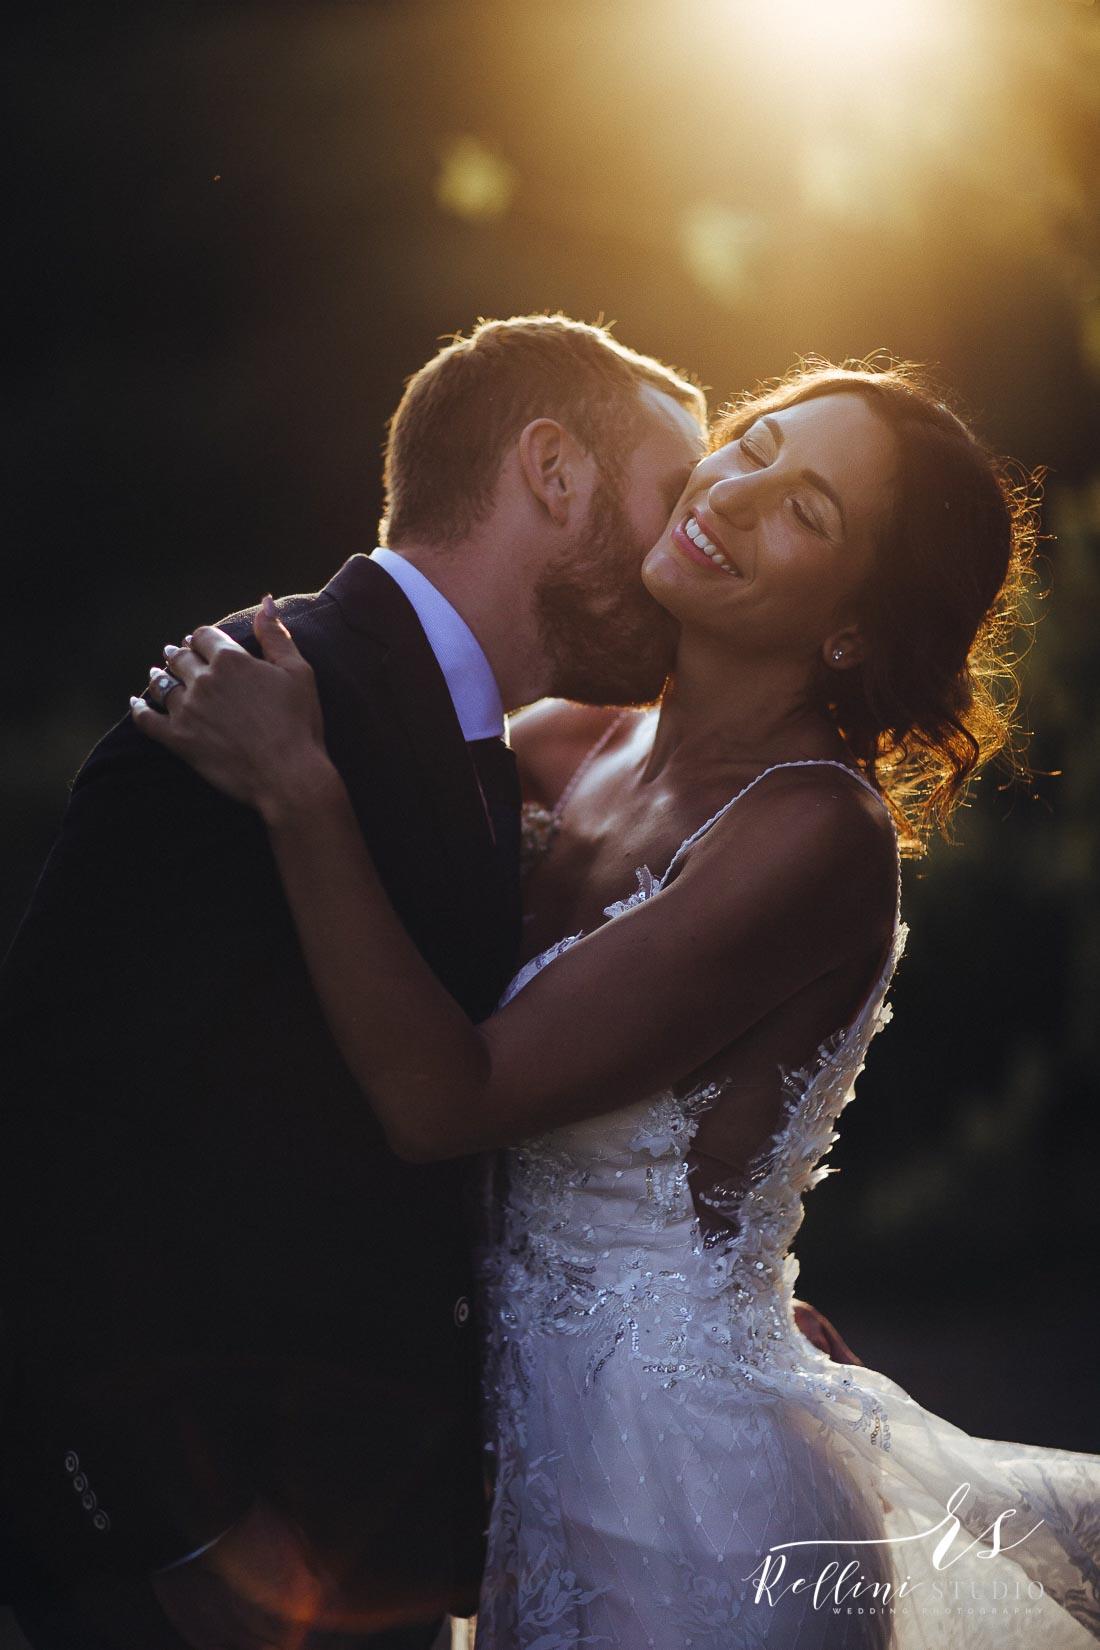 wedding at Palazzone in Orvieto 094.jpg